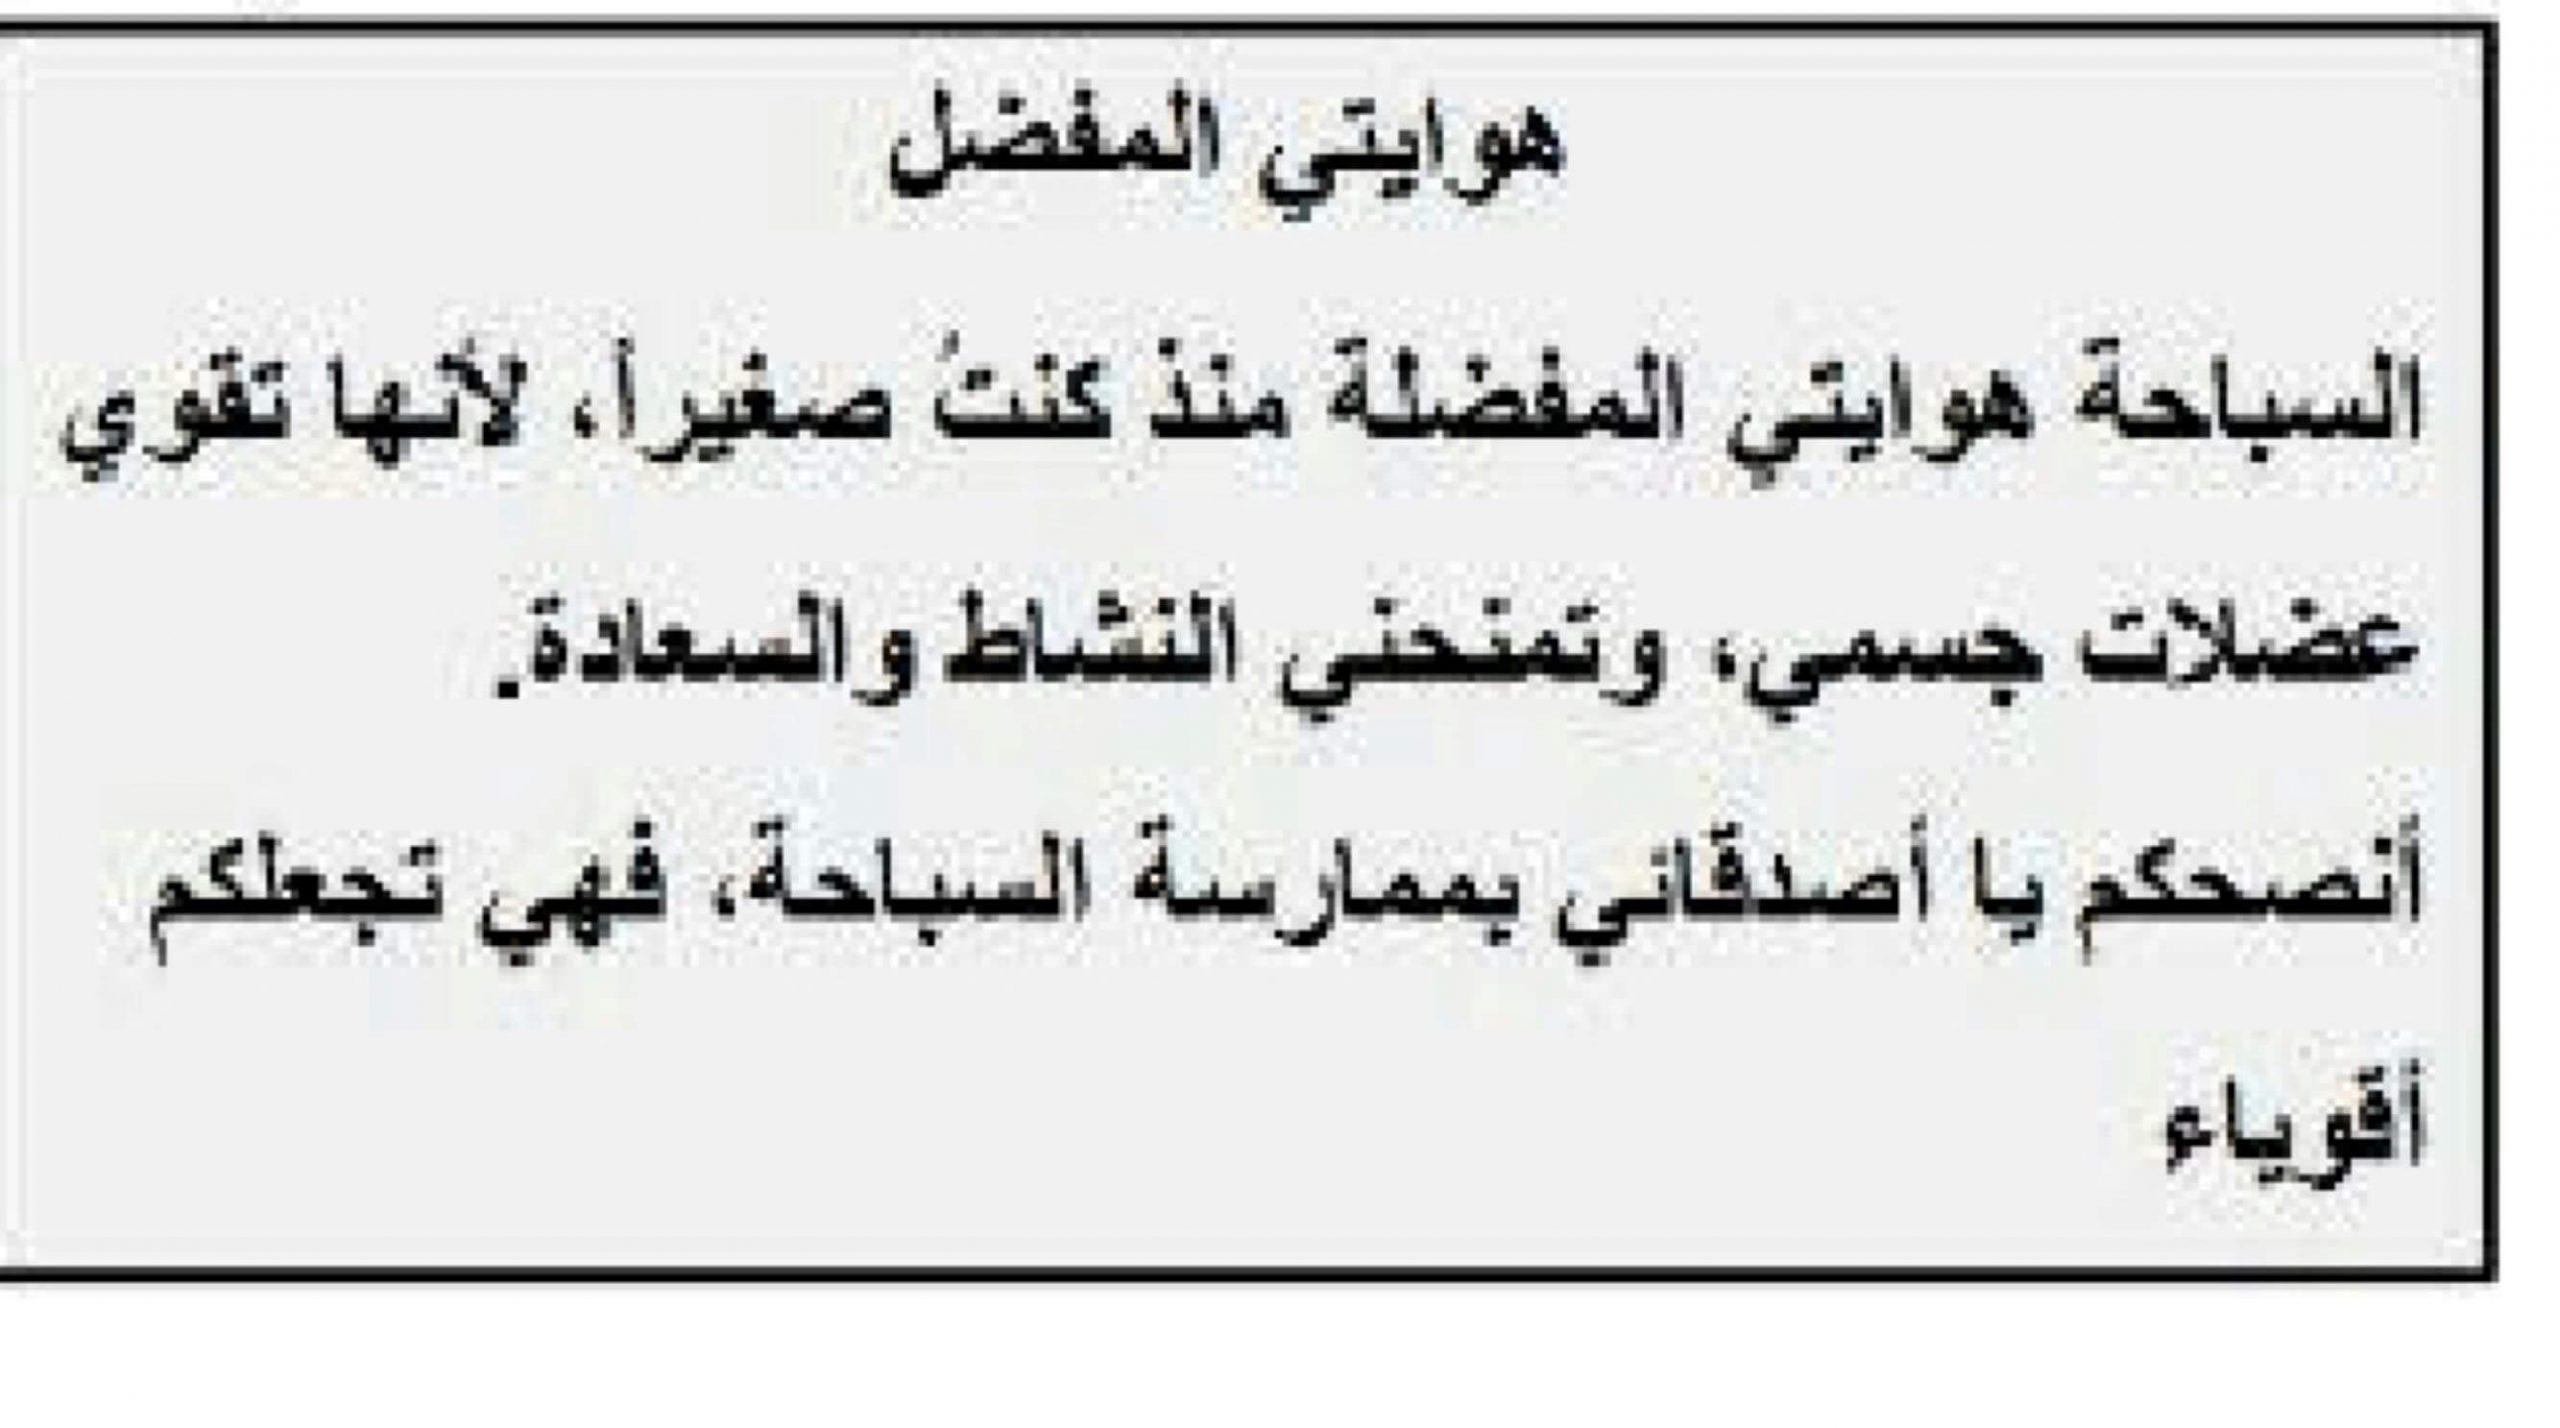 كتابة فقرات عن هوايتي المفضلة للصف الثالث مادة اللغة العربية ملفاتي